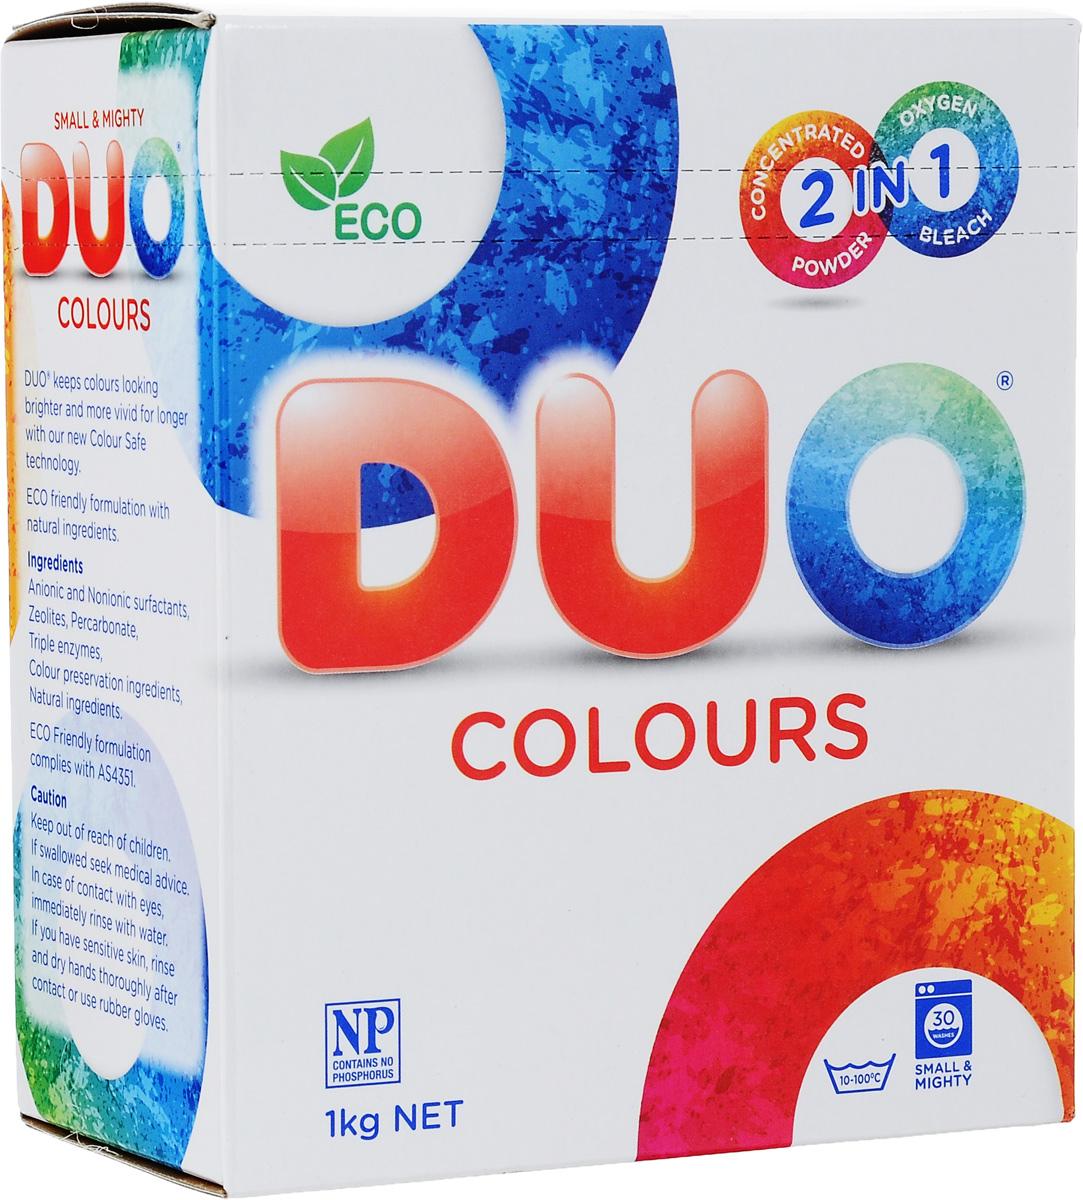 Стиральный порошок Duo Colours, для цветных и темных тканей, концентрированный, 1 кг14010Концентрированный стиральный порошок Duo Colours предназначен для стирки цветных итемных тканей. Двойная степень защиты цвета сохраняет все краски цветного и темного белья,защищает от ультрафиолета.Особенности порошка Reflect Colours:- обладает высокой моющей способностью в широком диапазоне температур (от 10°C до 100°C), - предупреждает образование накипи на водонагревательном элементе,- обладает дезинфицирующими свойствами, устраняет неприятные запахи, - удаляет пятна и загрязнения различного происхождения, не повреждая структуру ткани,- гипоаллергенный, на основе биоразлагаемых компонентов, - экологически чистый, не содержит форфатов, хлора и отдушек, - подходит для всех типов ткани, кроме шерсти, пуха и натурального шелка,- универсальный - для машинной и ручной стирки.Товар сертифицирован.